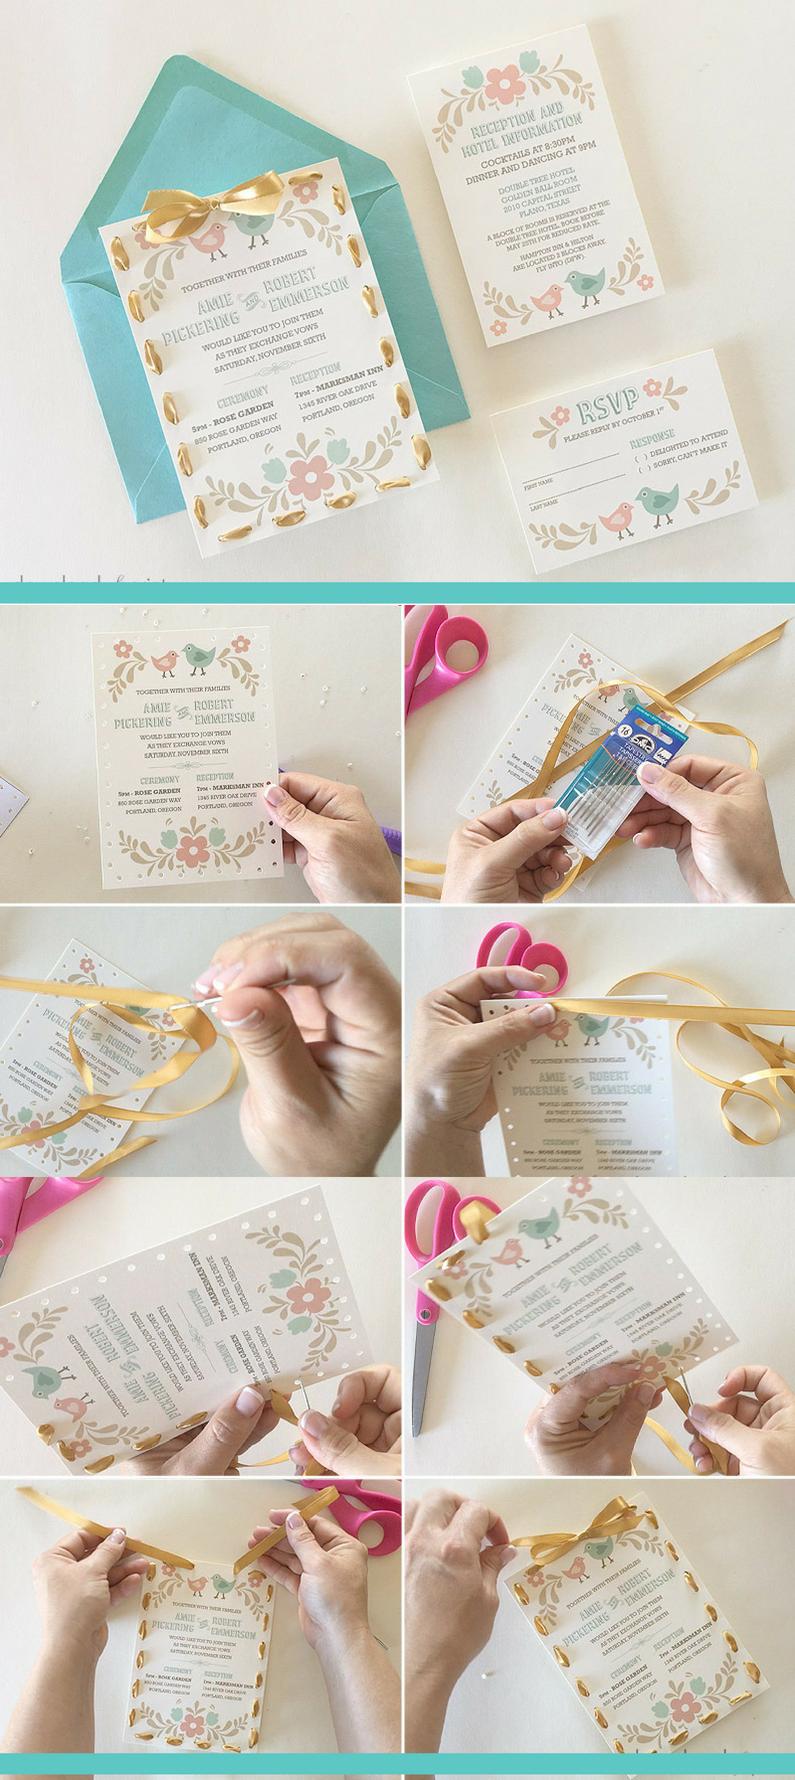 DIY Idee für Hochzeitskarte basteln: Geben Sie der Hochzeitskarte den letzten Schliff mit einem schönen Band